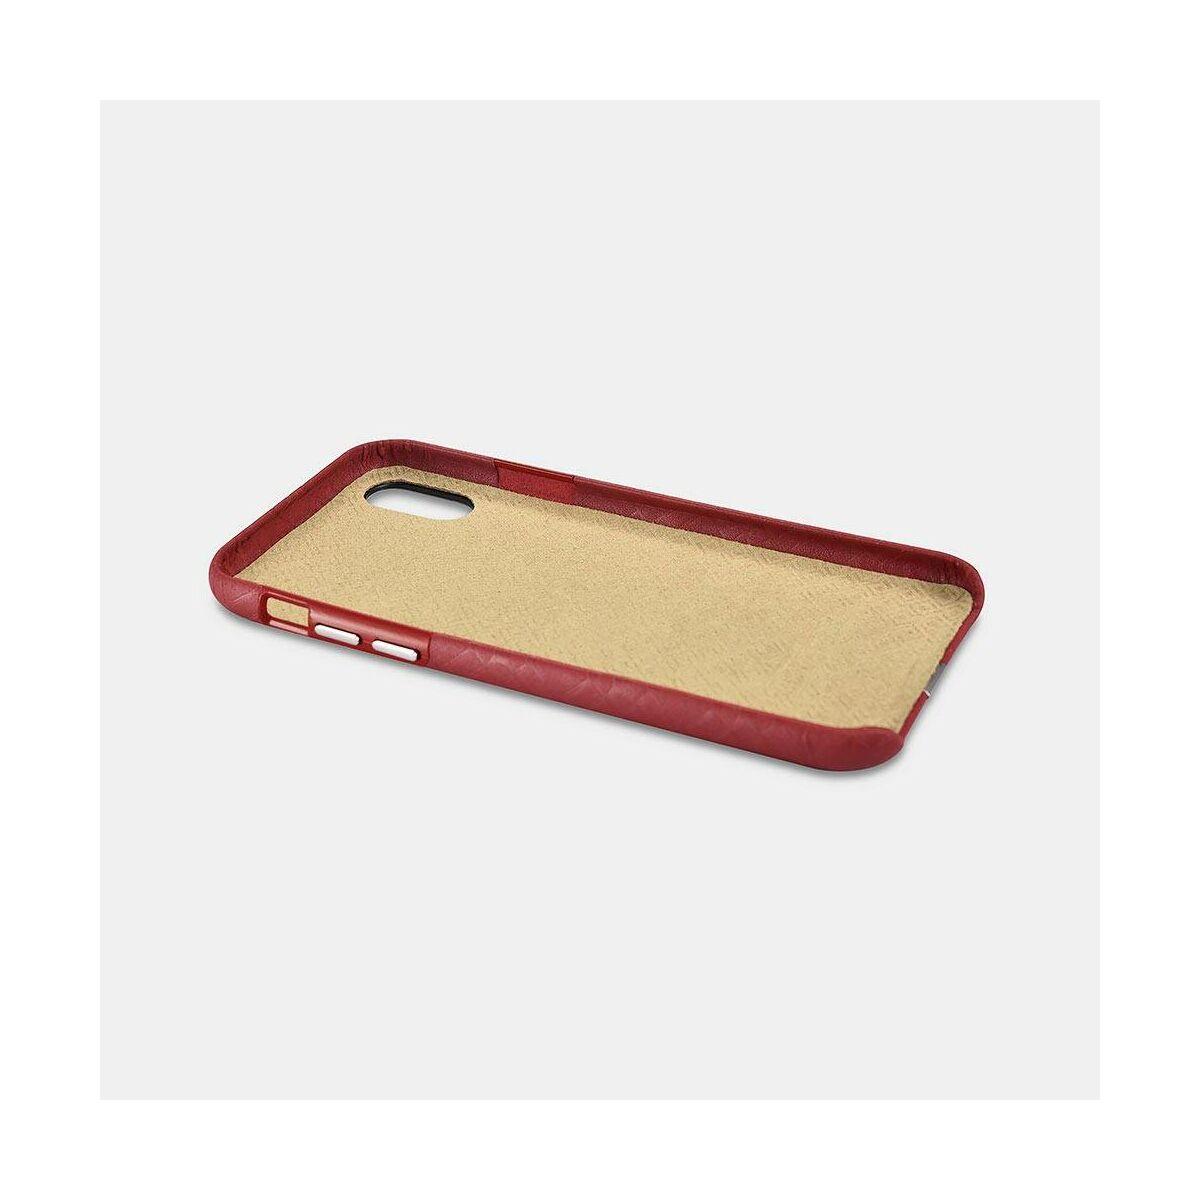 iCarer iPhone X/XS Tok, Valódi Bőr, Luxury sorozat, mintás piros